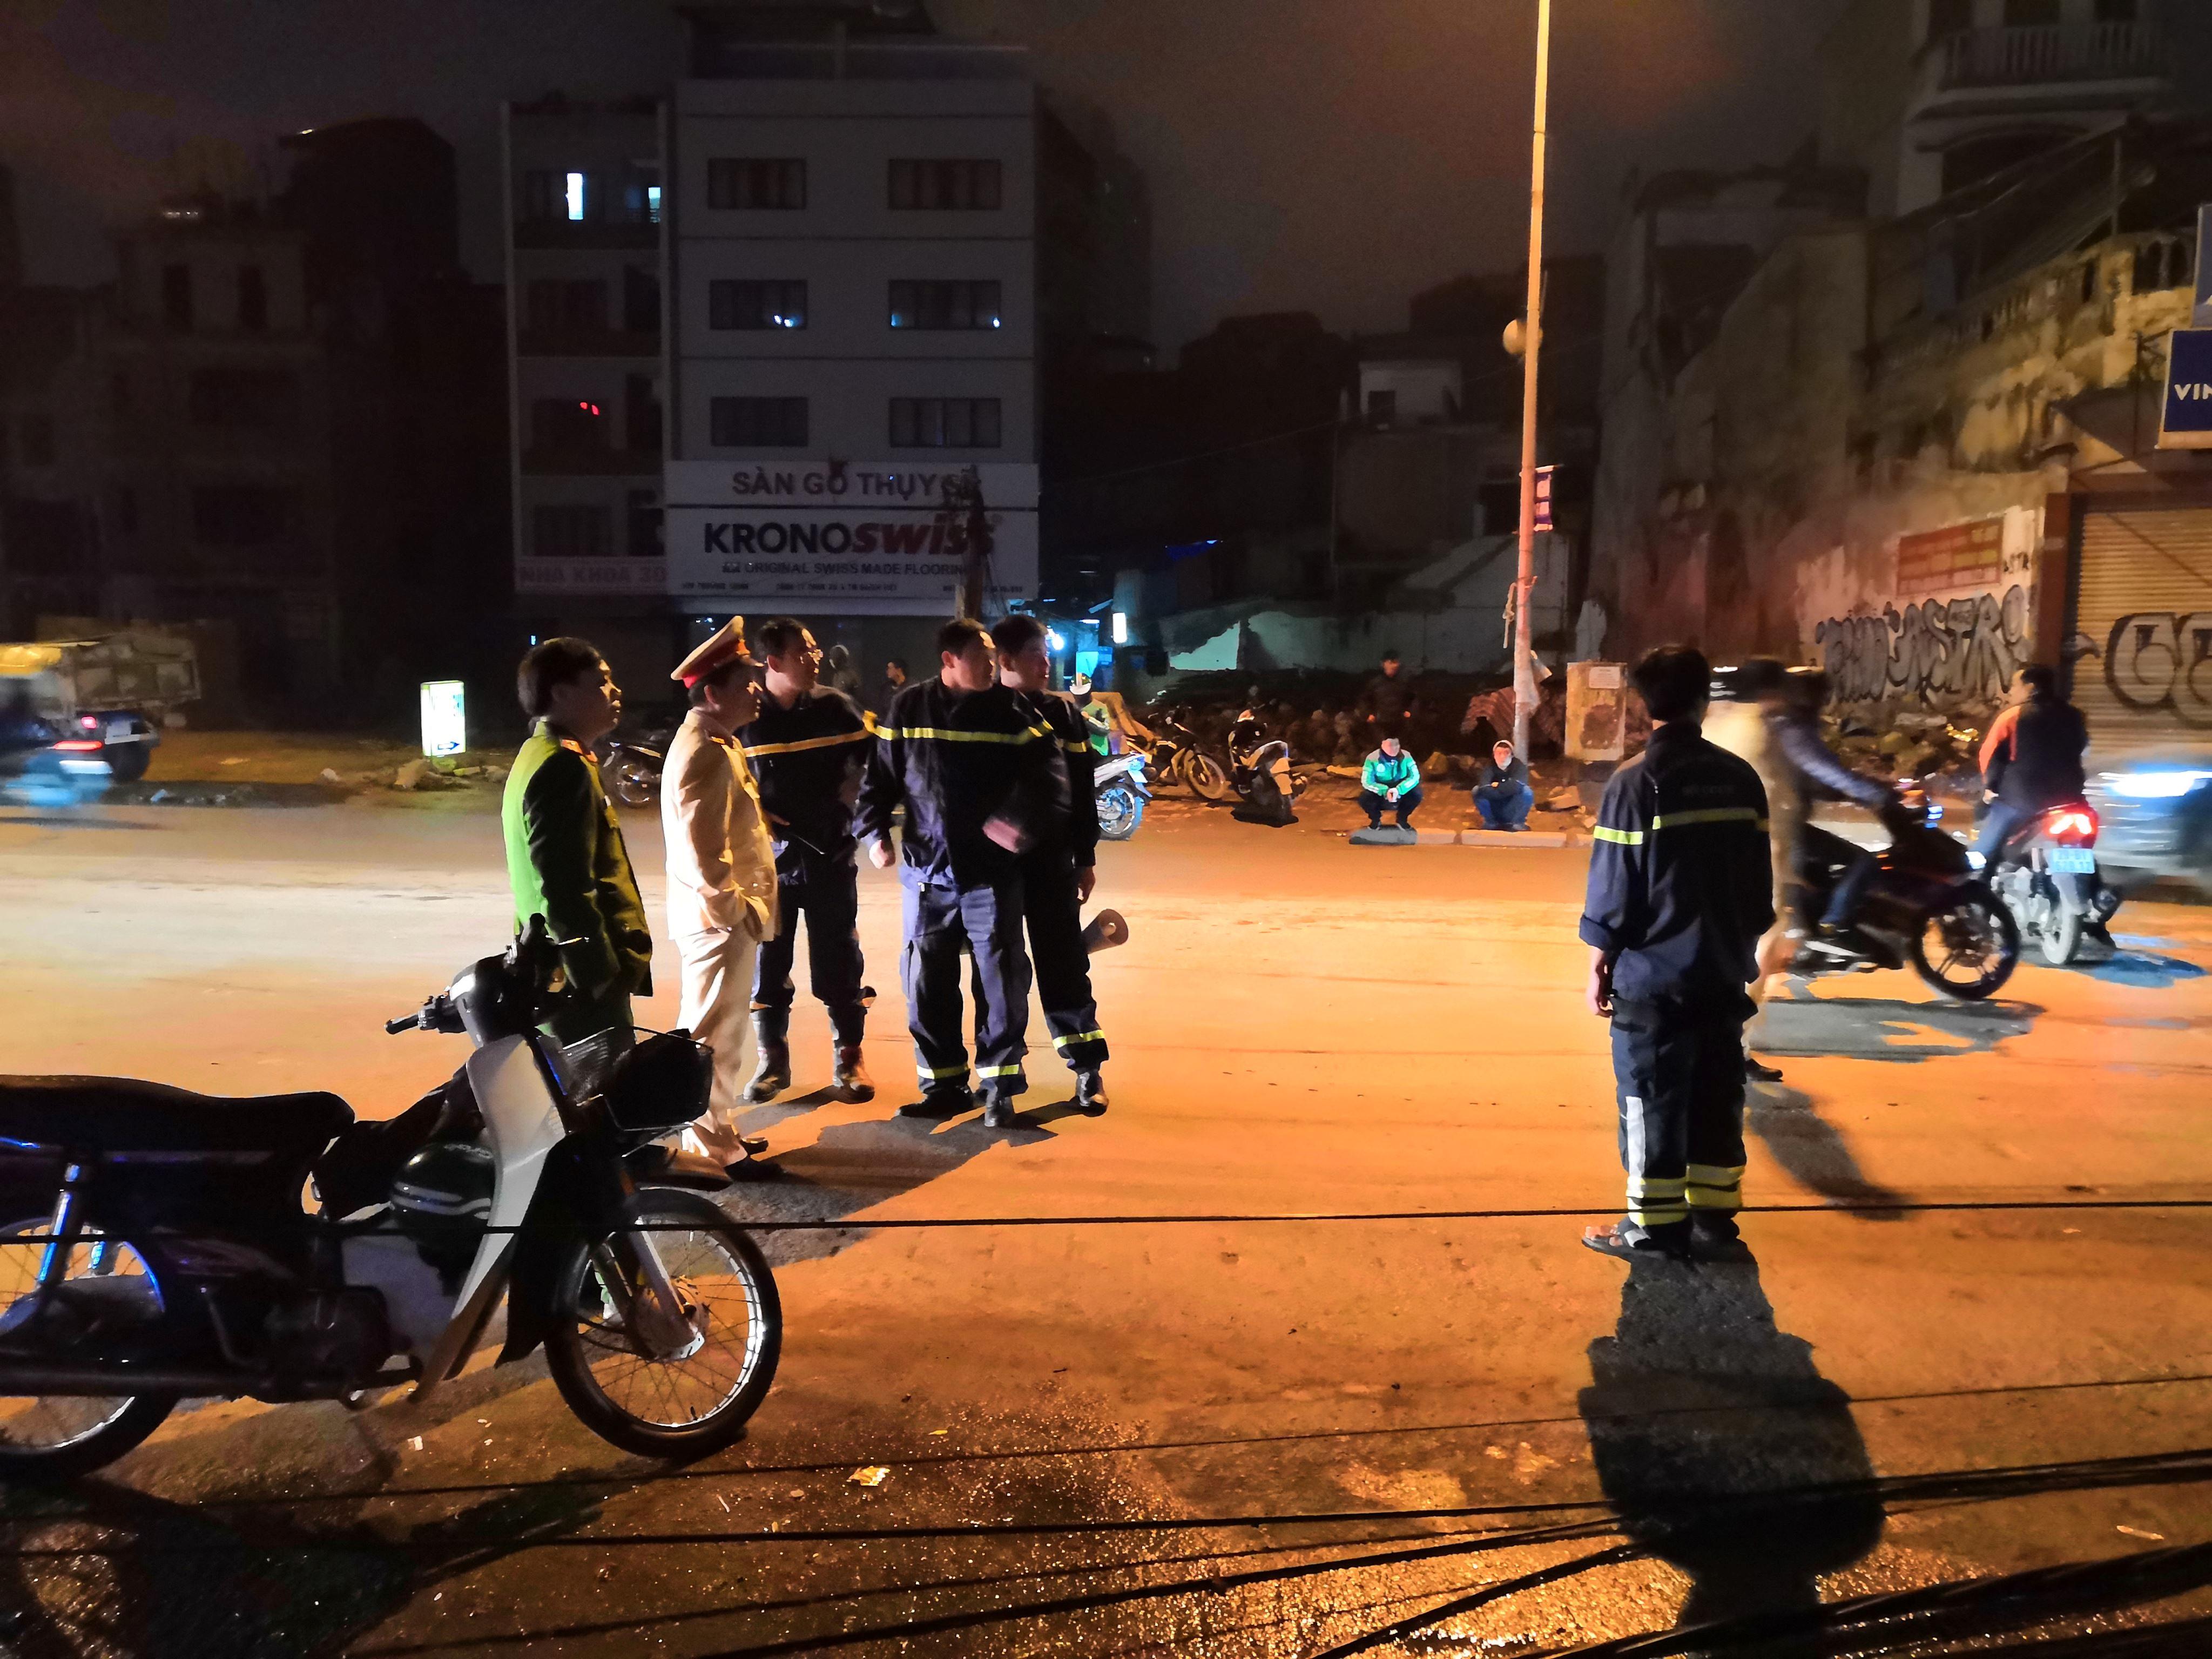 Xe bồn chở xăng kéo đổ 4 cột điện trong đêm, nhiều hộ dân mất điện Ảnh 8